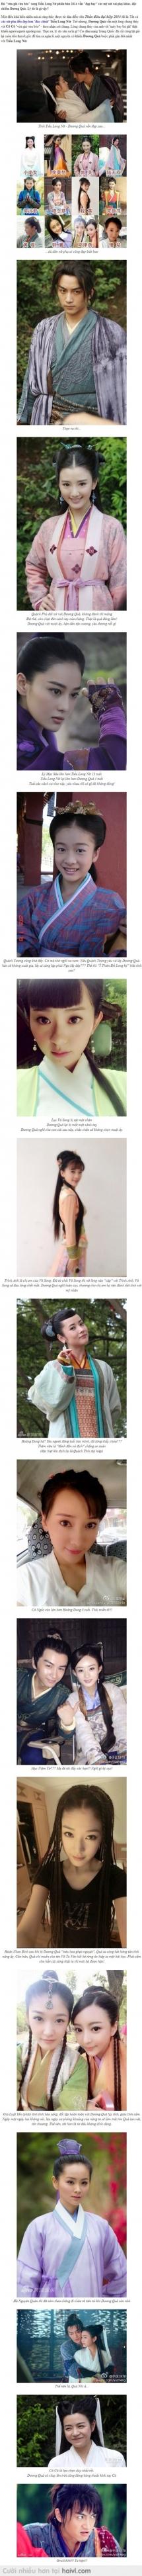 Vì sao Dương Quá buộc phải yêu Tiểu Long Nữ :))